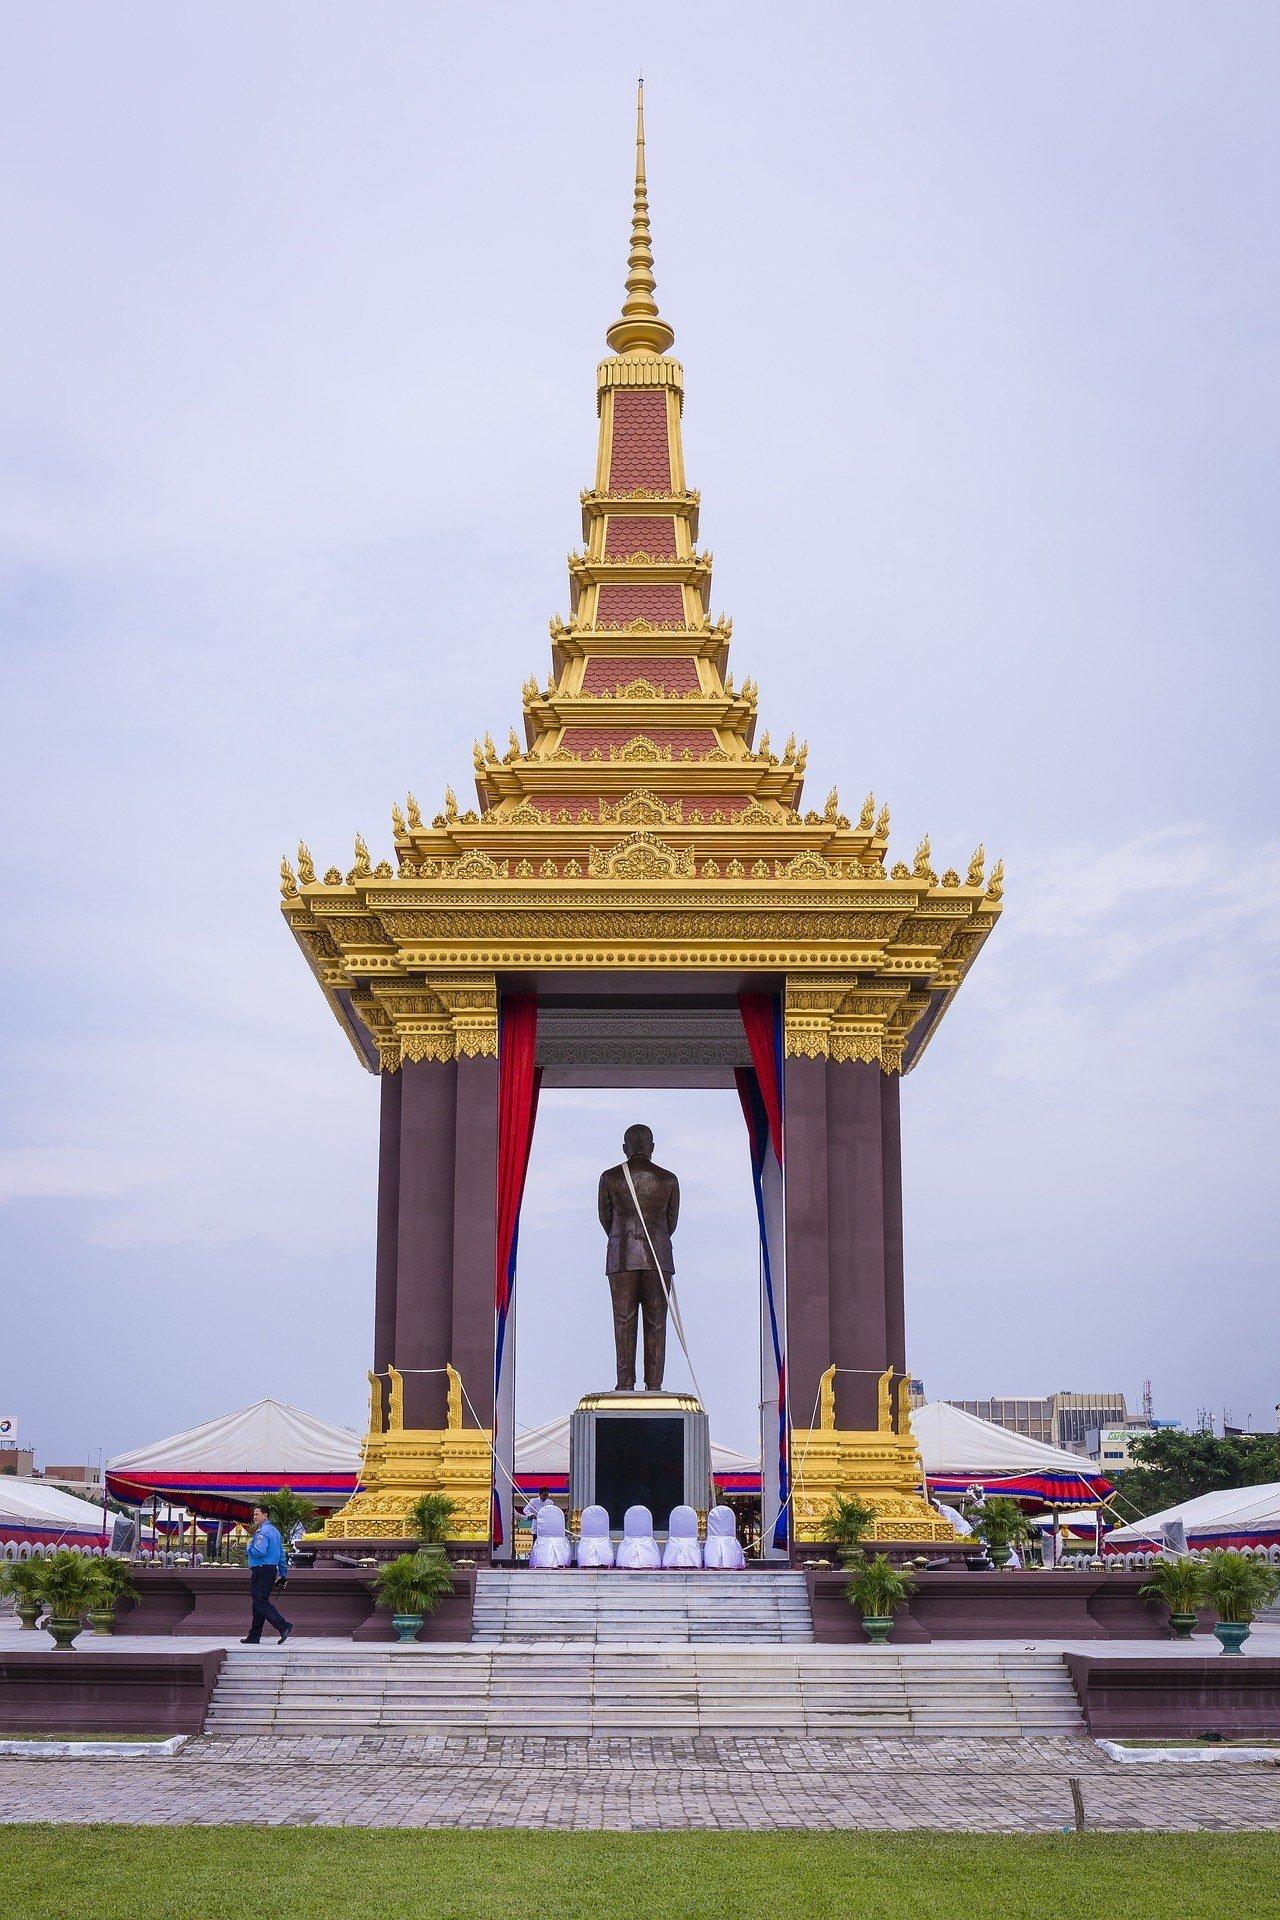 Tonle Bassac, Phnom Penh